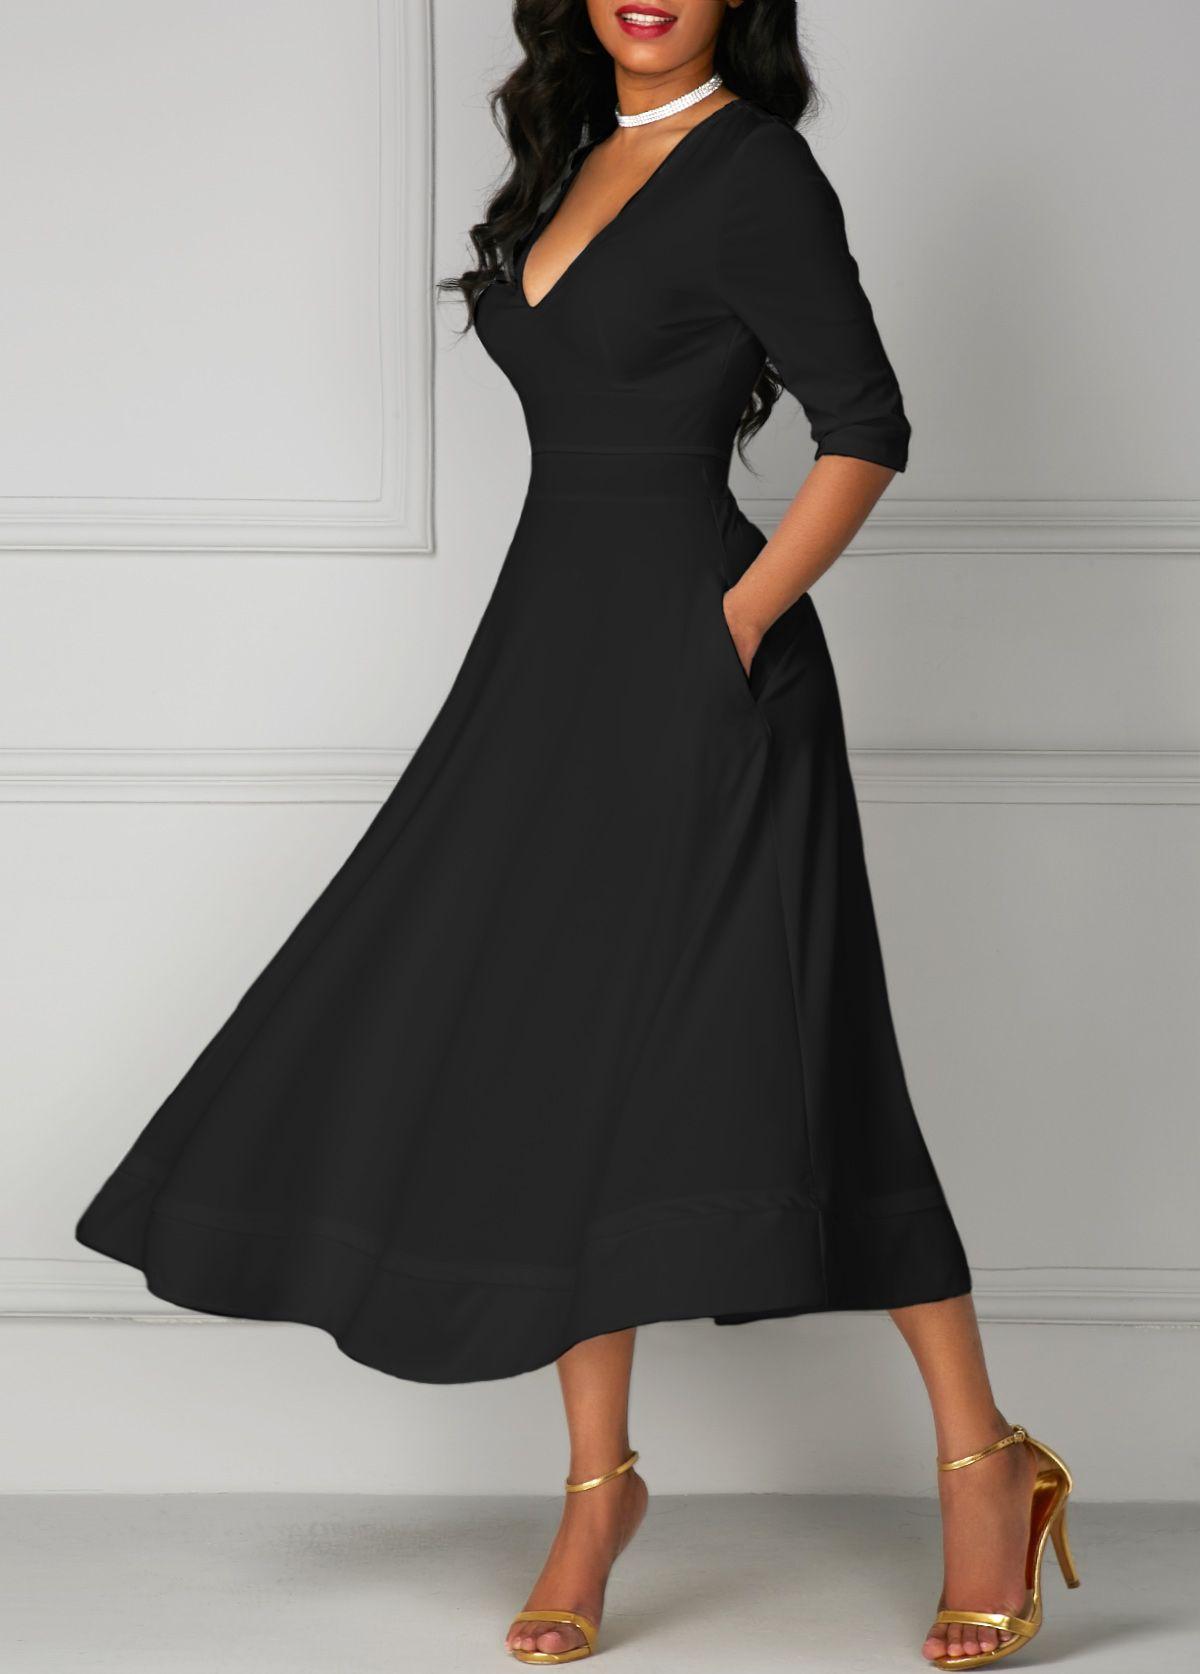 Black v neck pocket design half sleeve dress pinterest half